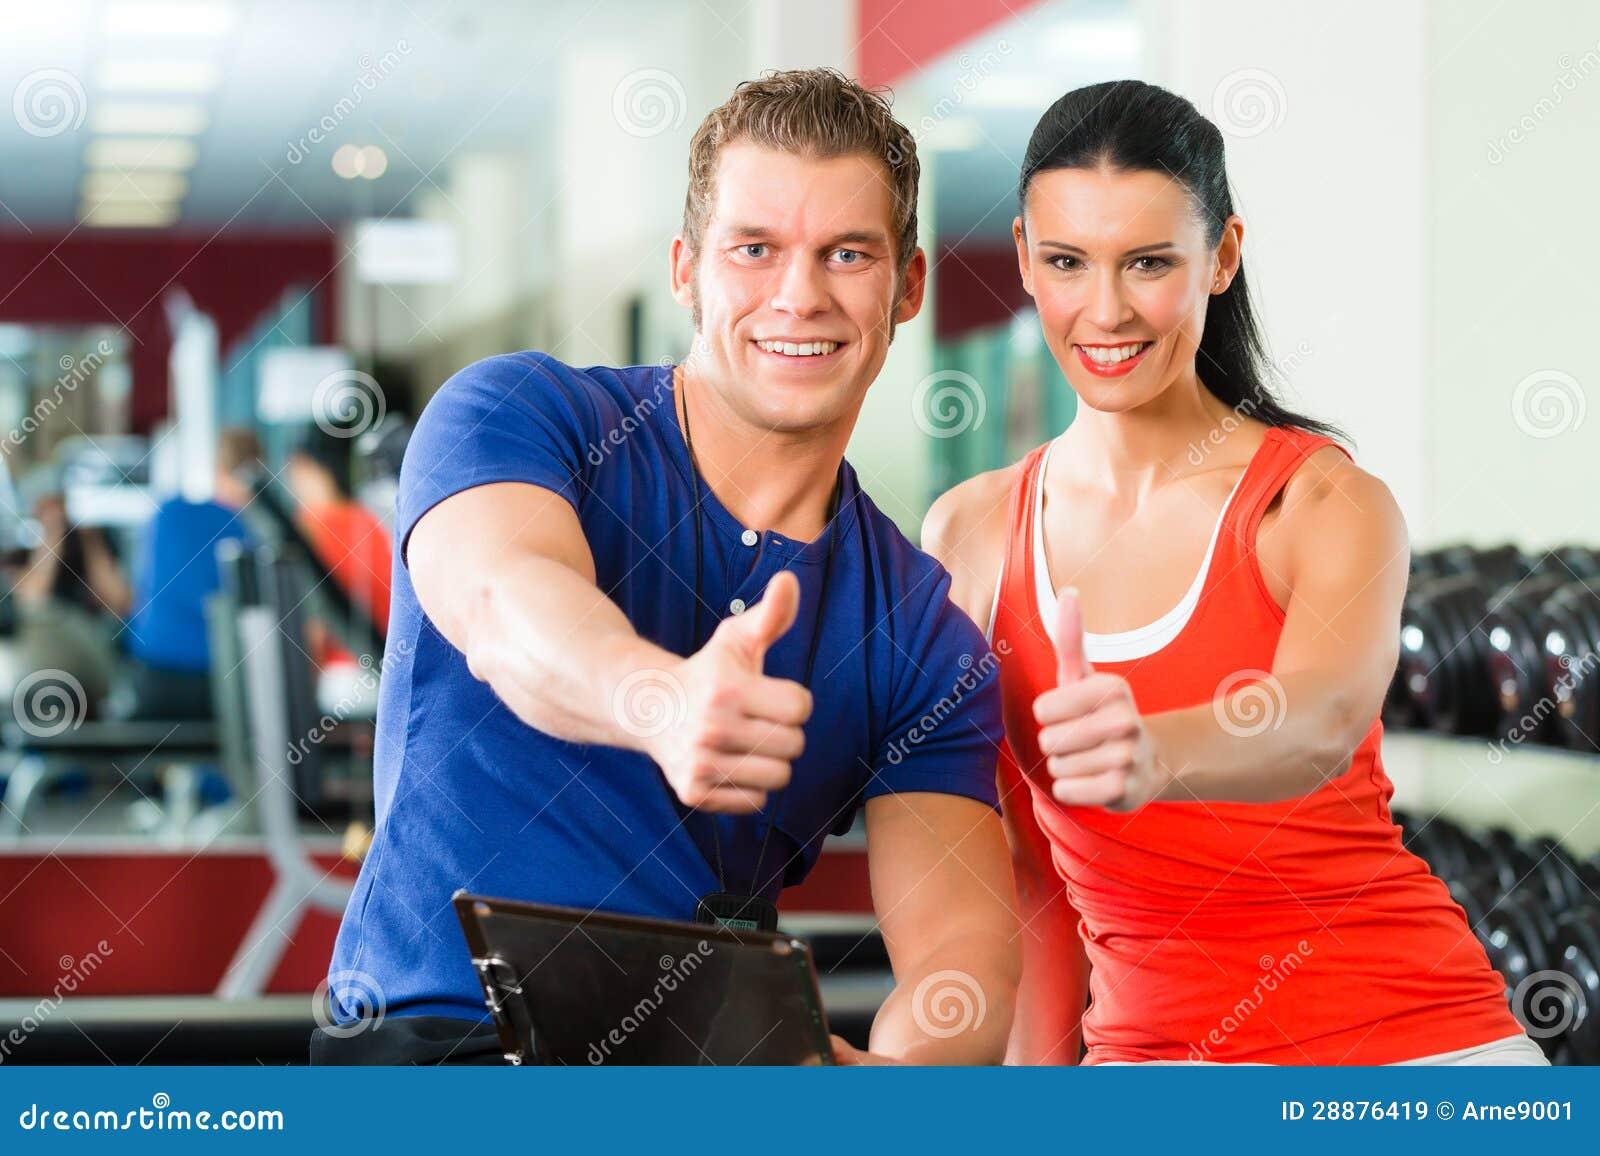 Mujer e instructor personal en gimnasio con pesas de - Imagenes de gimnasio ...